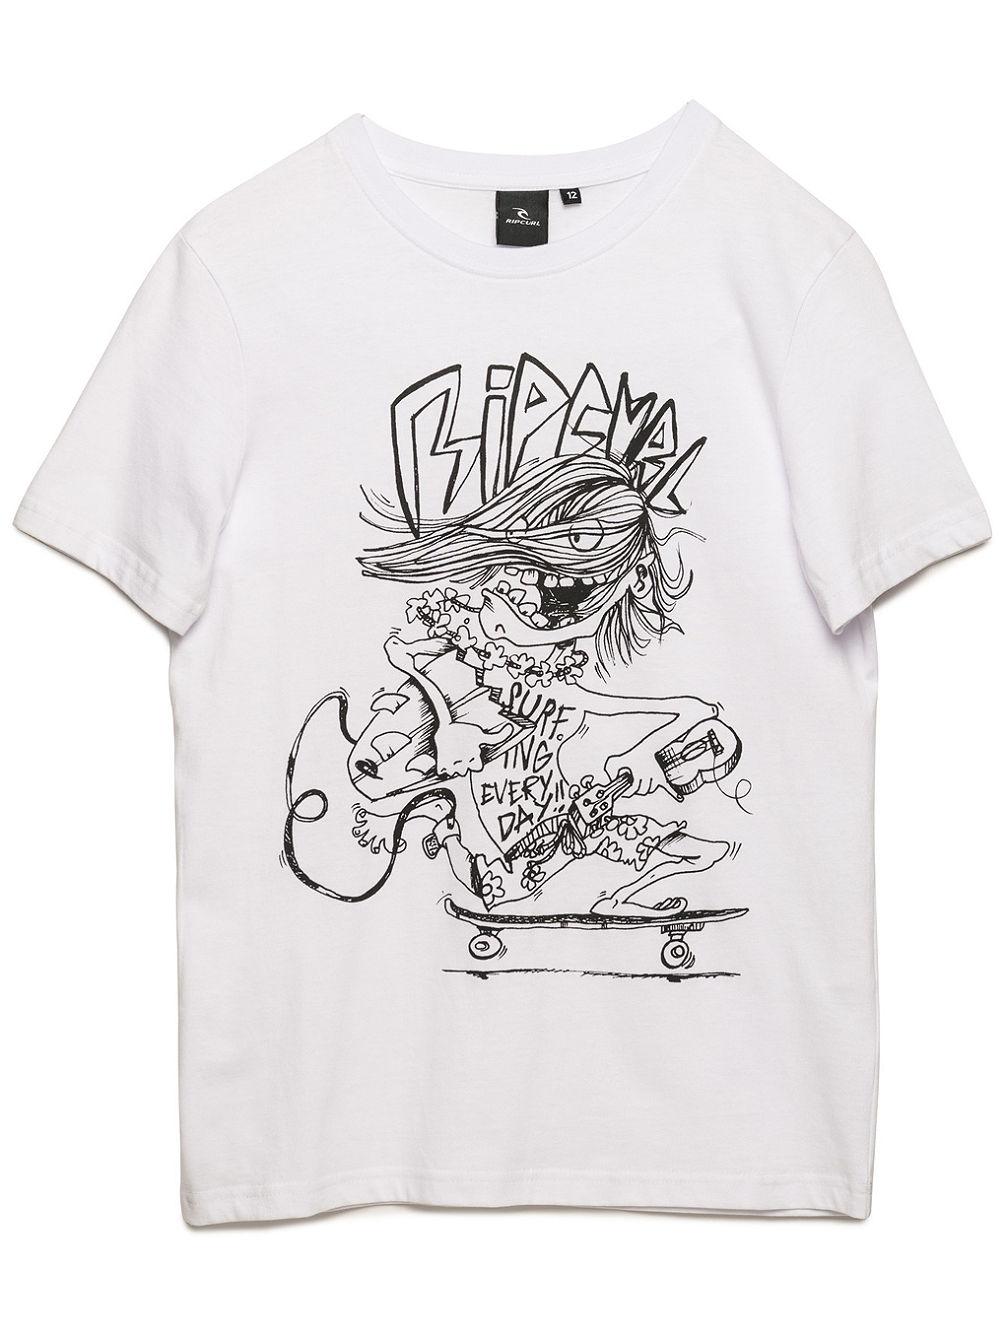 Artikel klicken und genauer betrachten! - Das Arty kurzarm T-Shirt ist zu 100 % aus Baumwolle gefertigt. Dieses Jersey-Material ist angenehm zu tragen und hat einen tollen Griff. Der Druck des Shirts hat beides, er ist originell und lustig. Das Shirt ist klassisch geschnitten.   im Online Shop kaufen